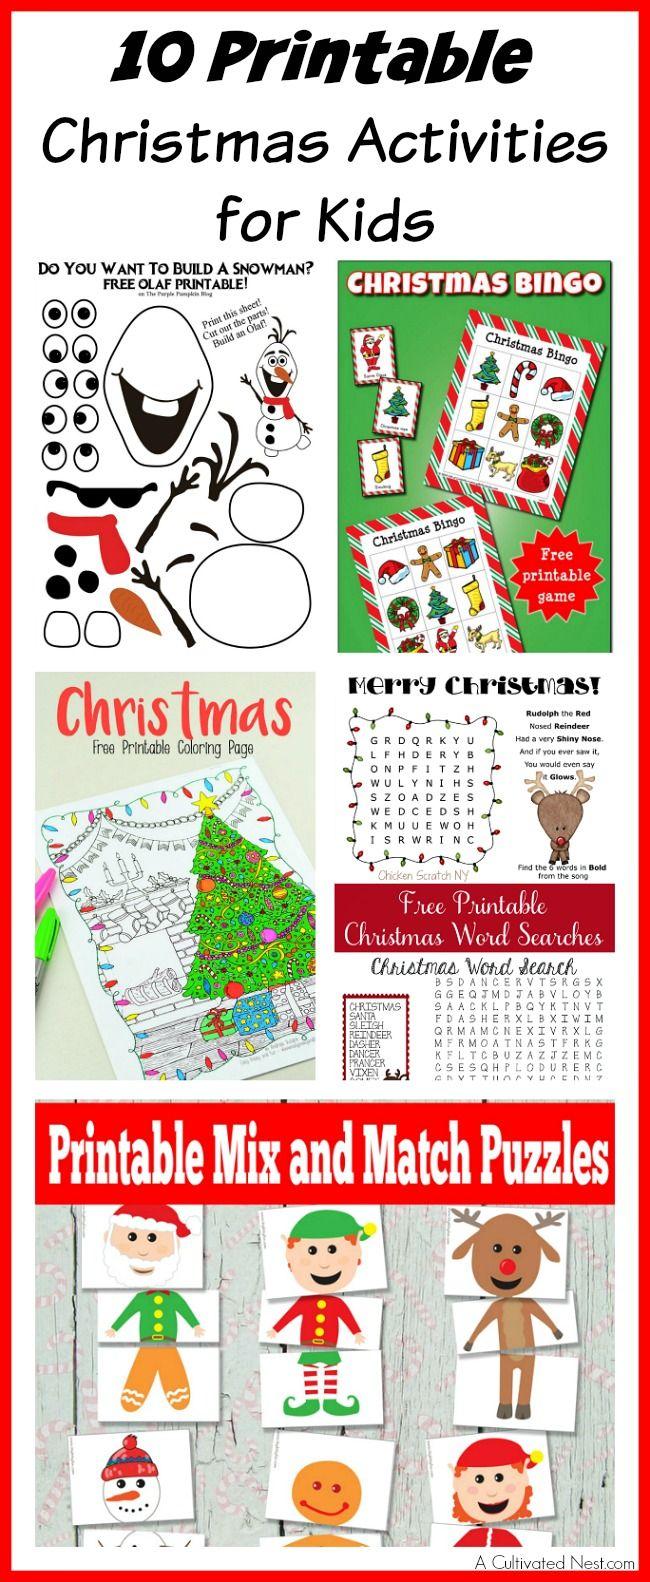 10 Printable Christmas Activities for Kids | Free printable ...